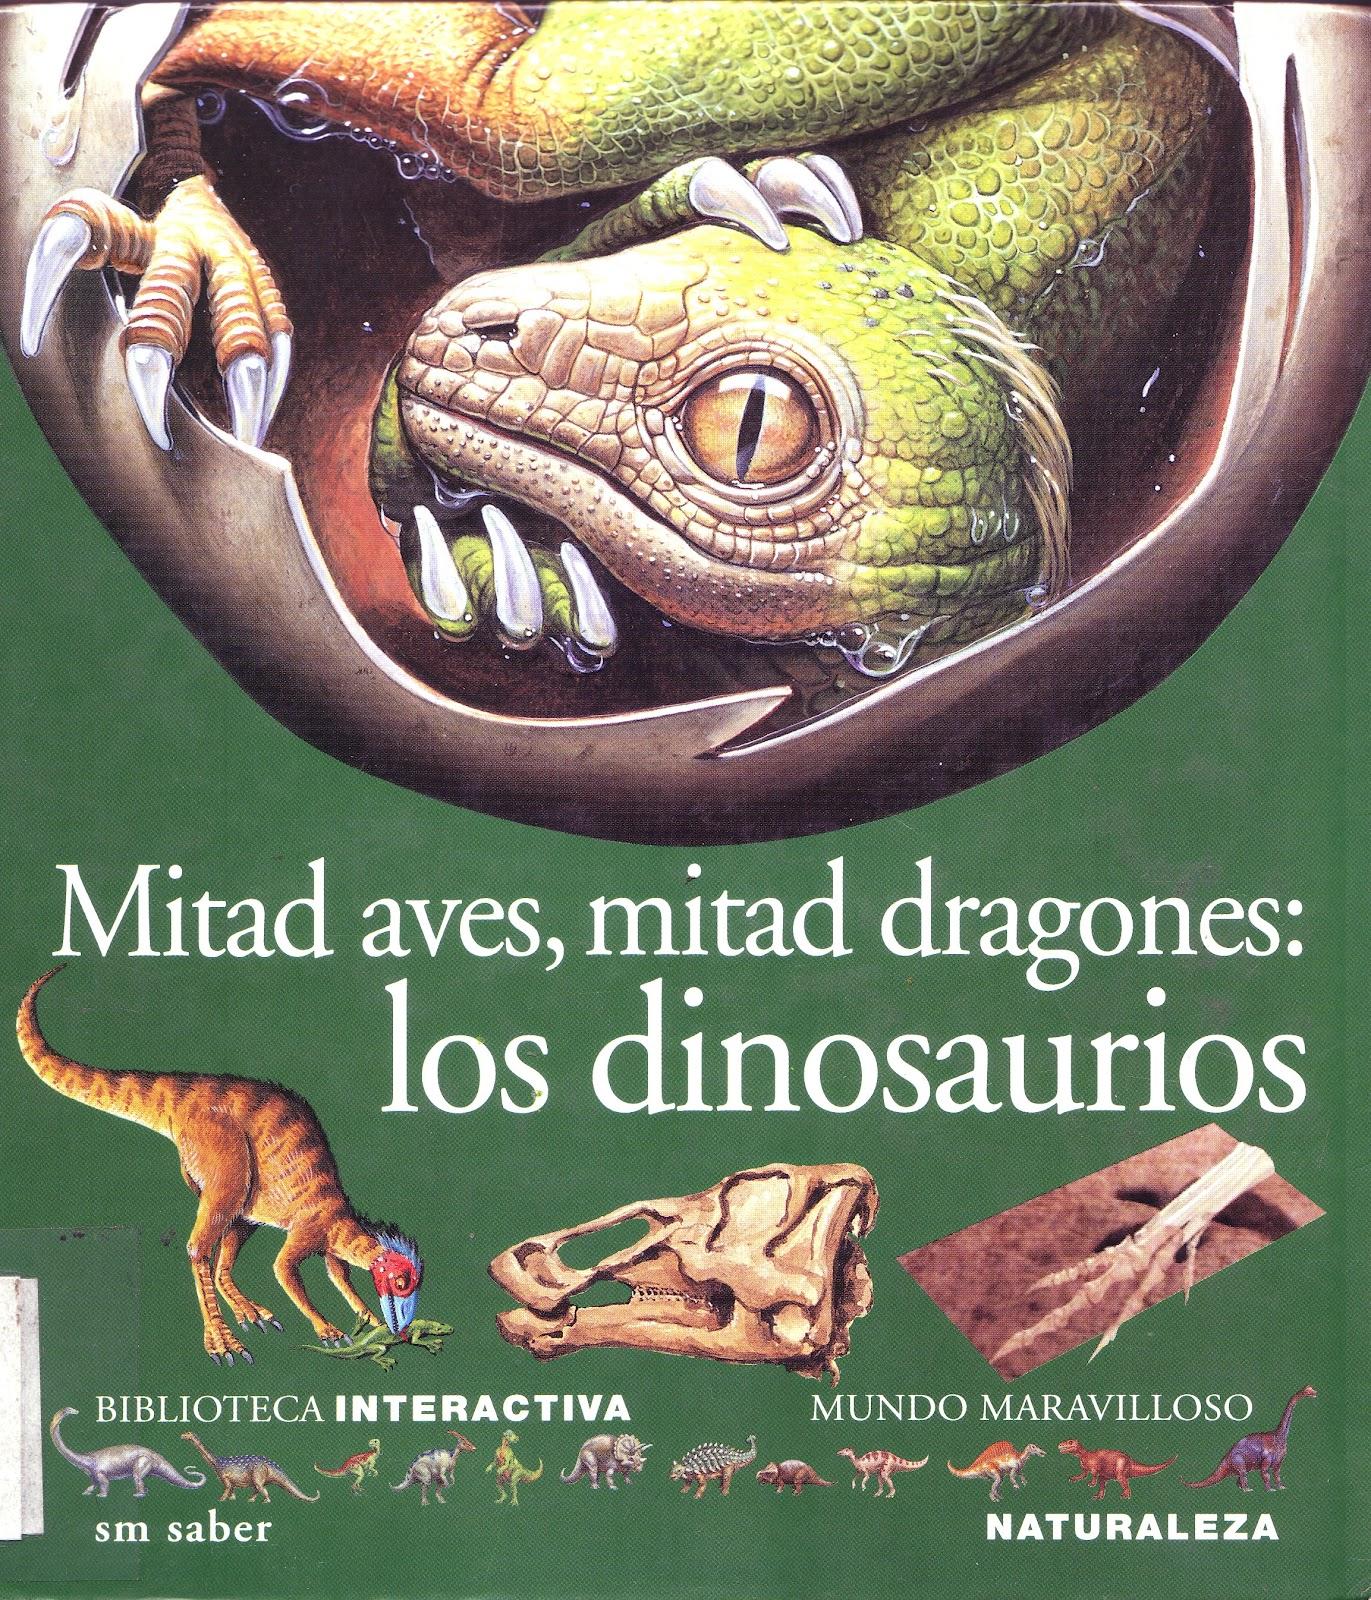 Libro interactivo para adentrarte en el mundo de los dinosaurios. Usa las  pegatinas, excava la tierra en busca de esqueletos petrificados, palpa su  piel, ...